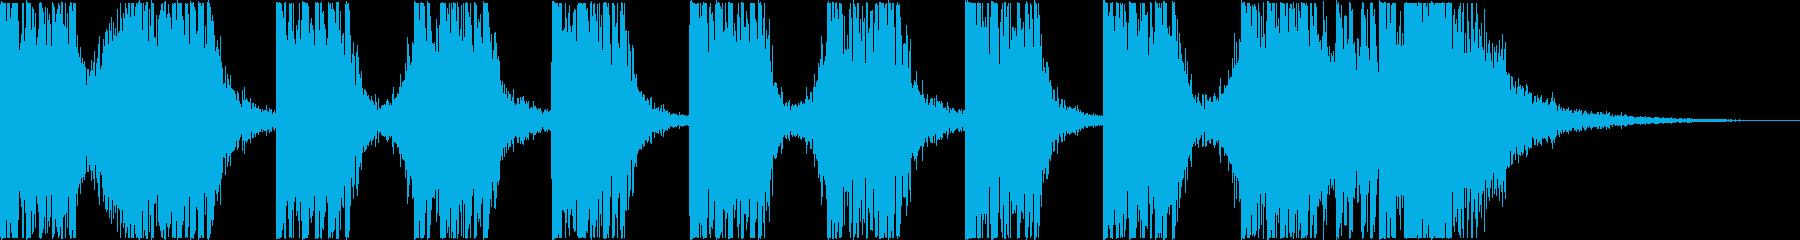 打楽器+シンセ BPM=110の再生済みの波形